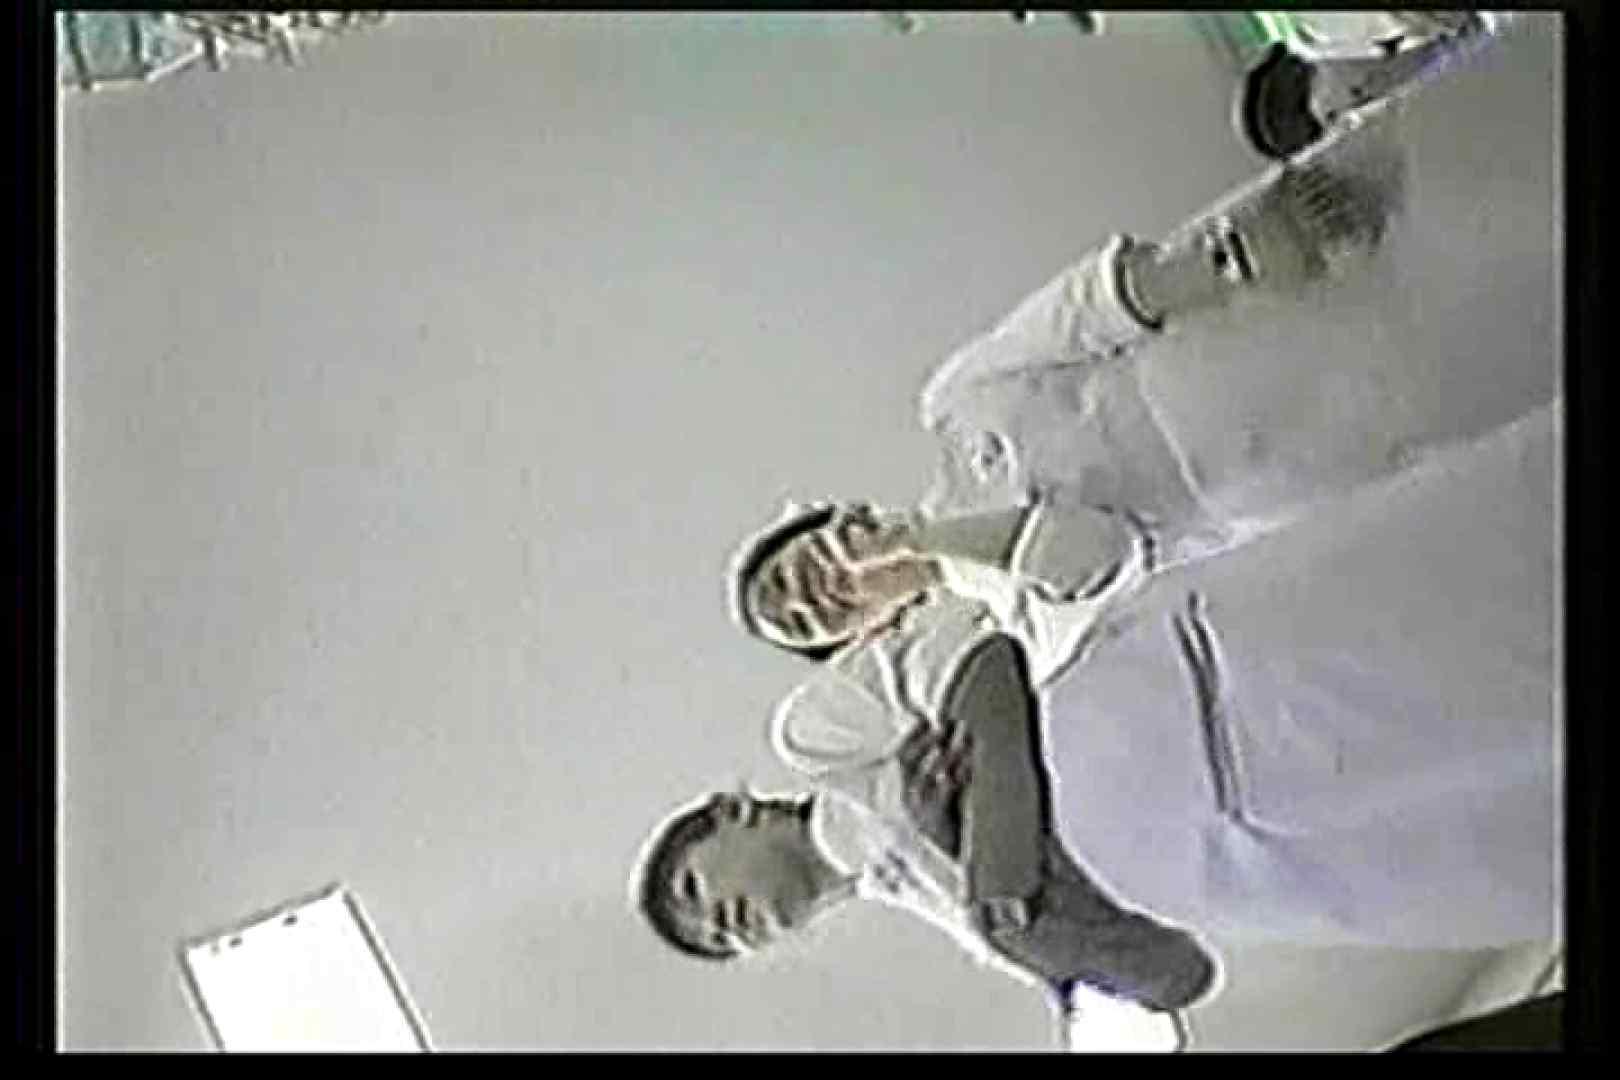 院内密着!看護婦達の下半身事情Vol.2 覗き 濡れ場動画紹介 94pic 70